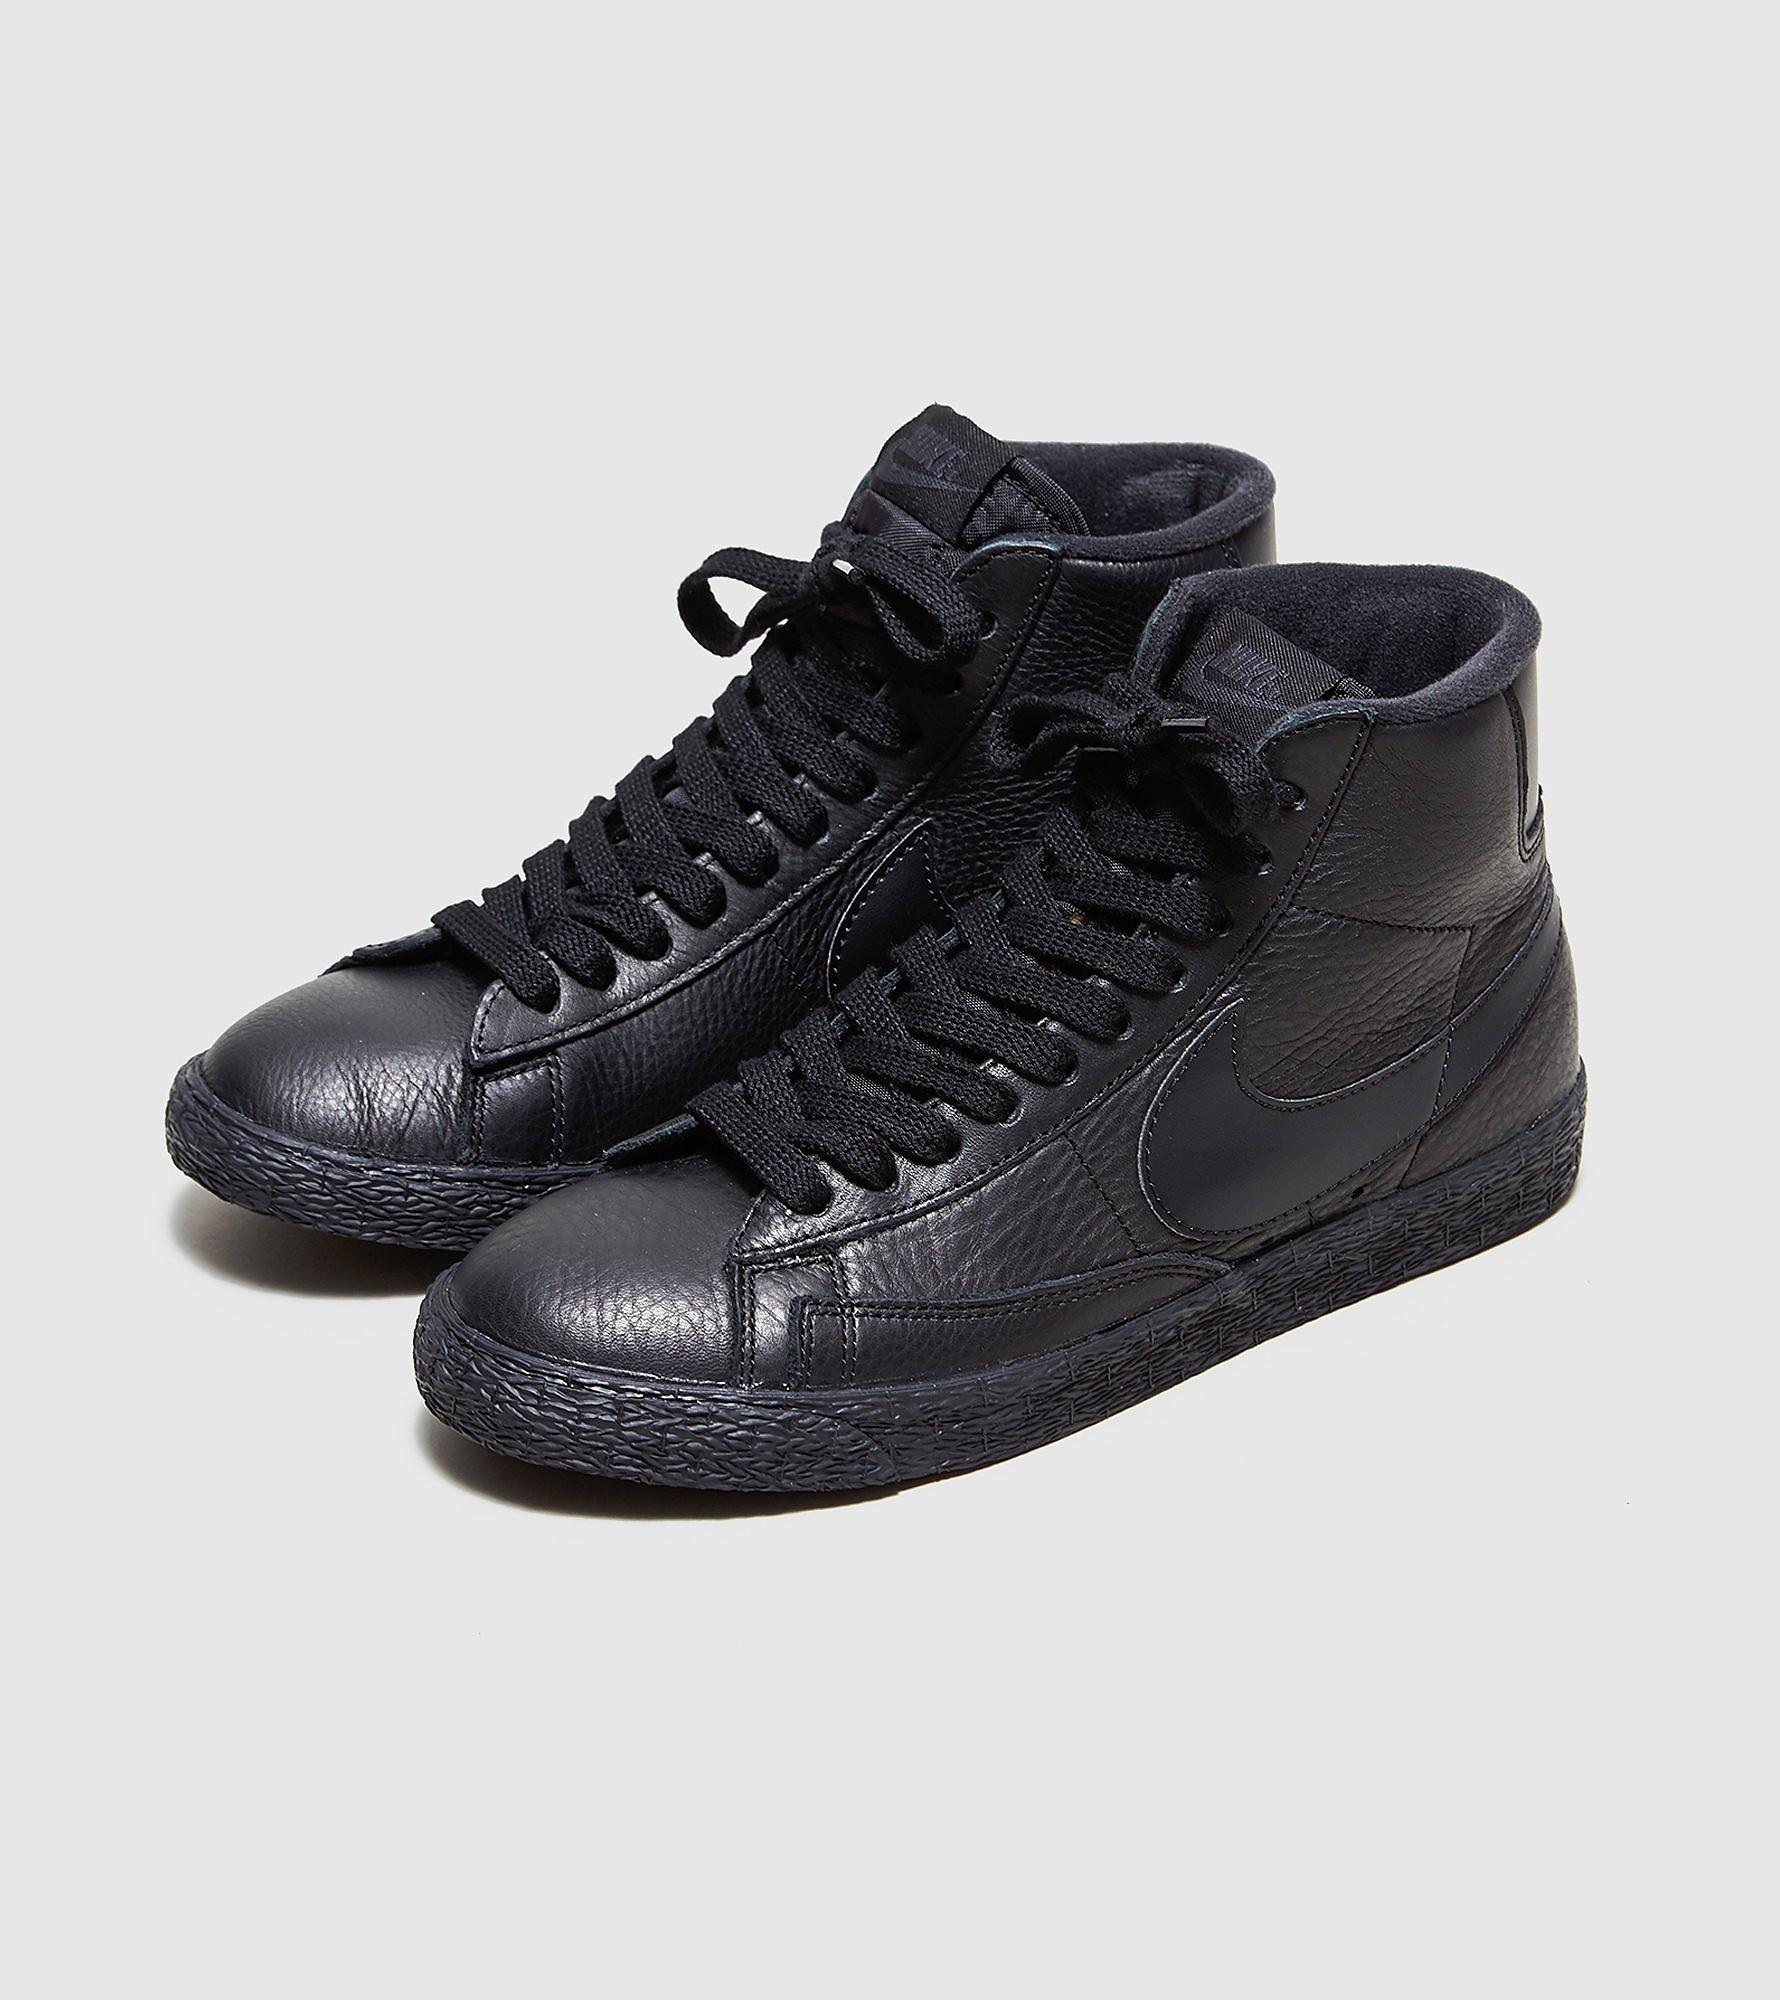 Nike Blazer Leather Women's